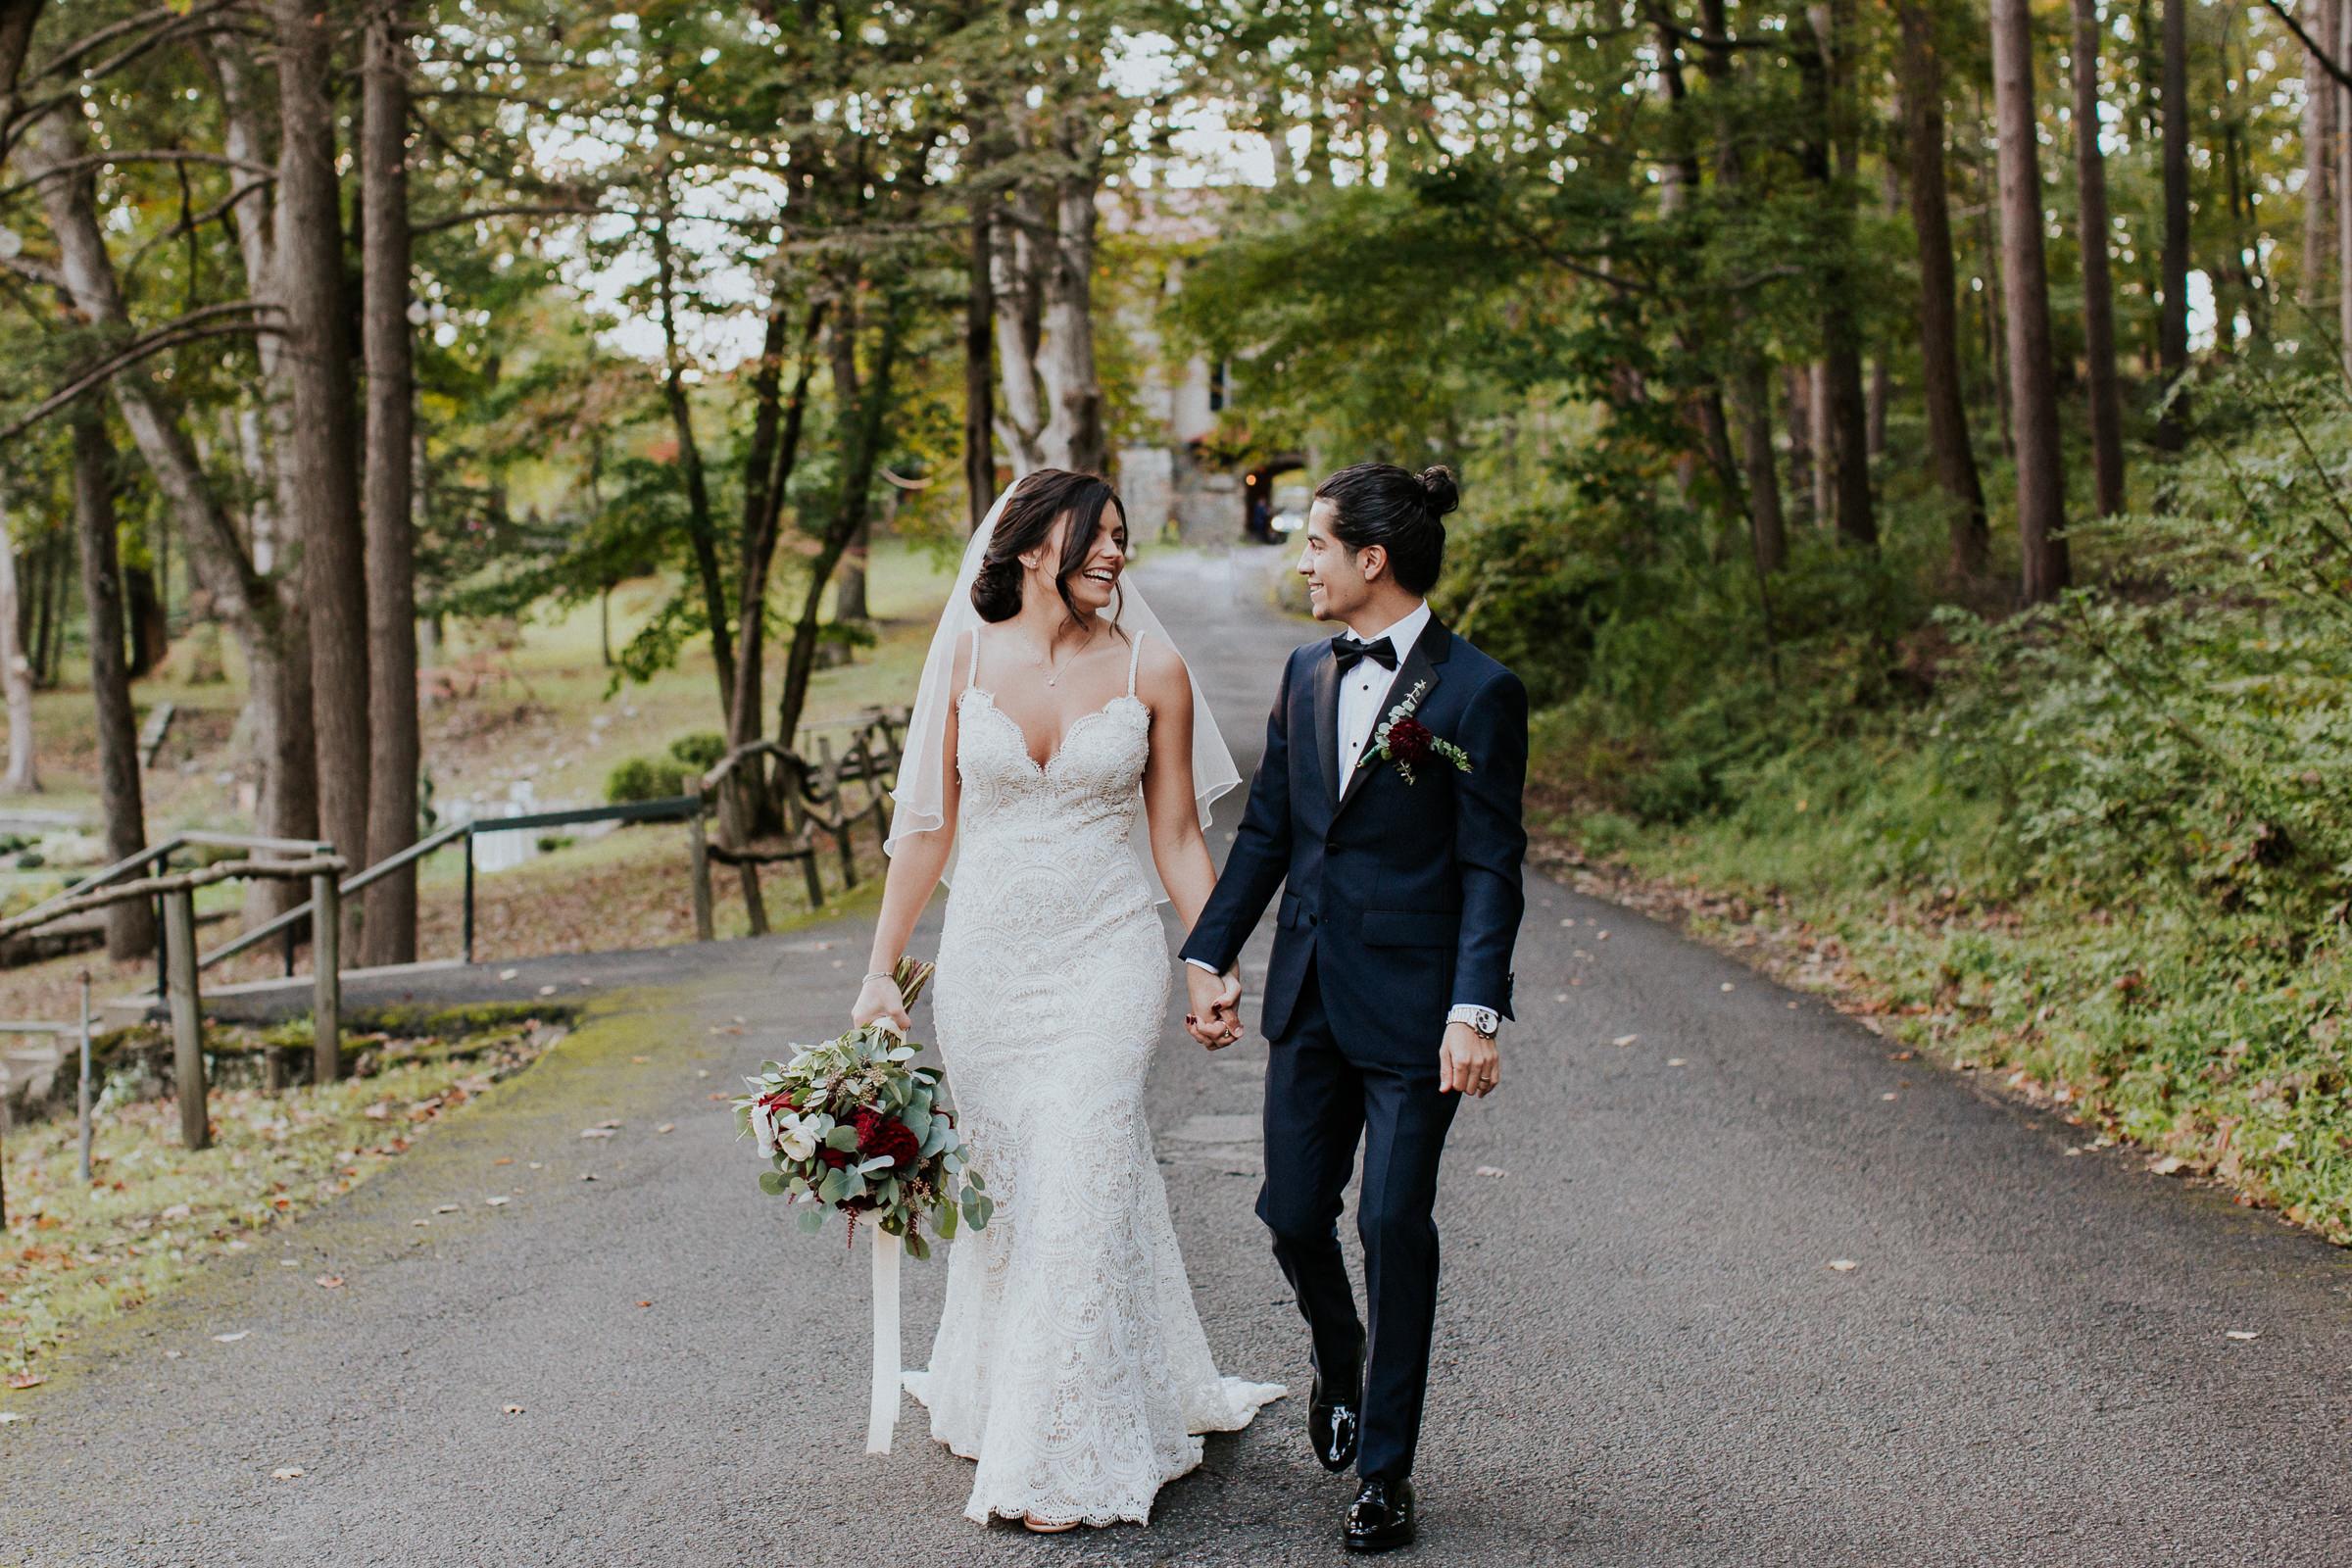 Arrow-Park-Monroe-NY-Documentary-Wedding-Photographer-63.jpg